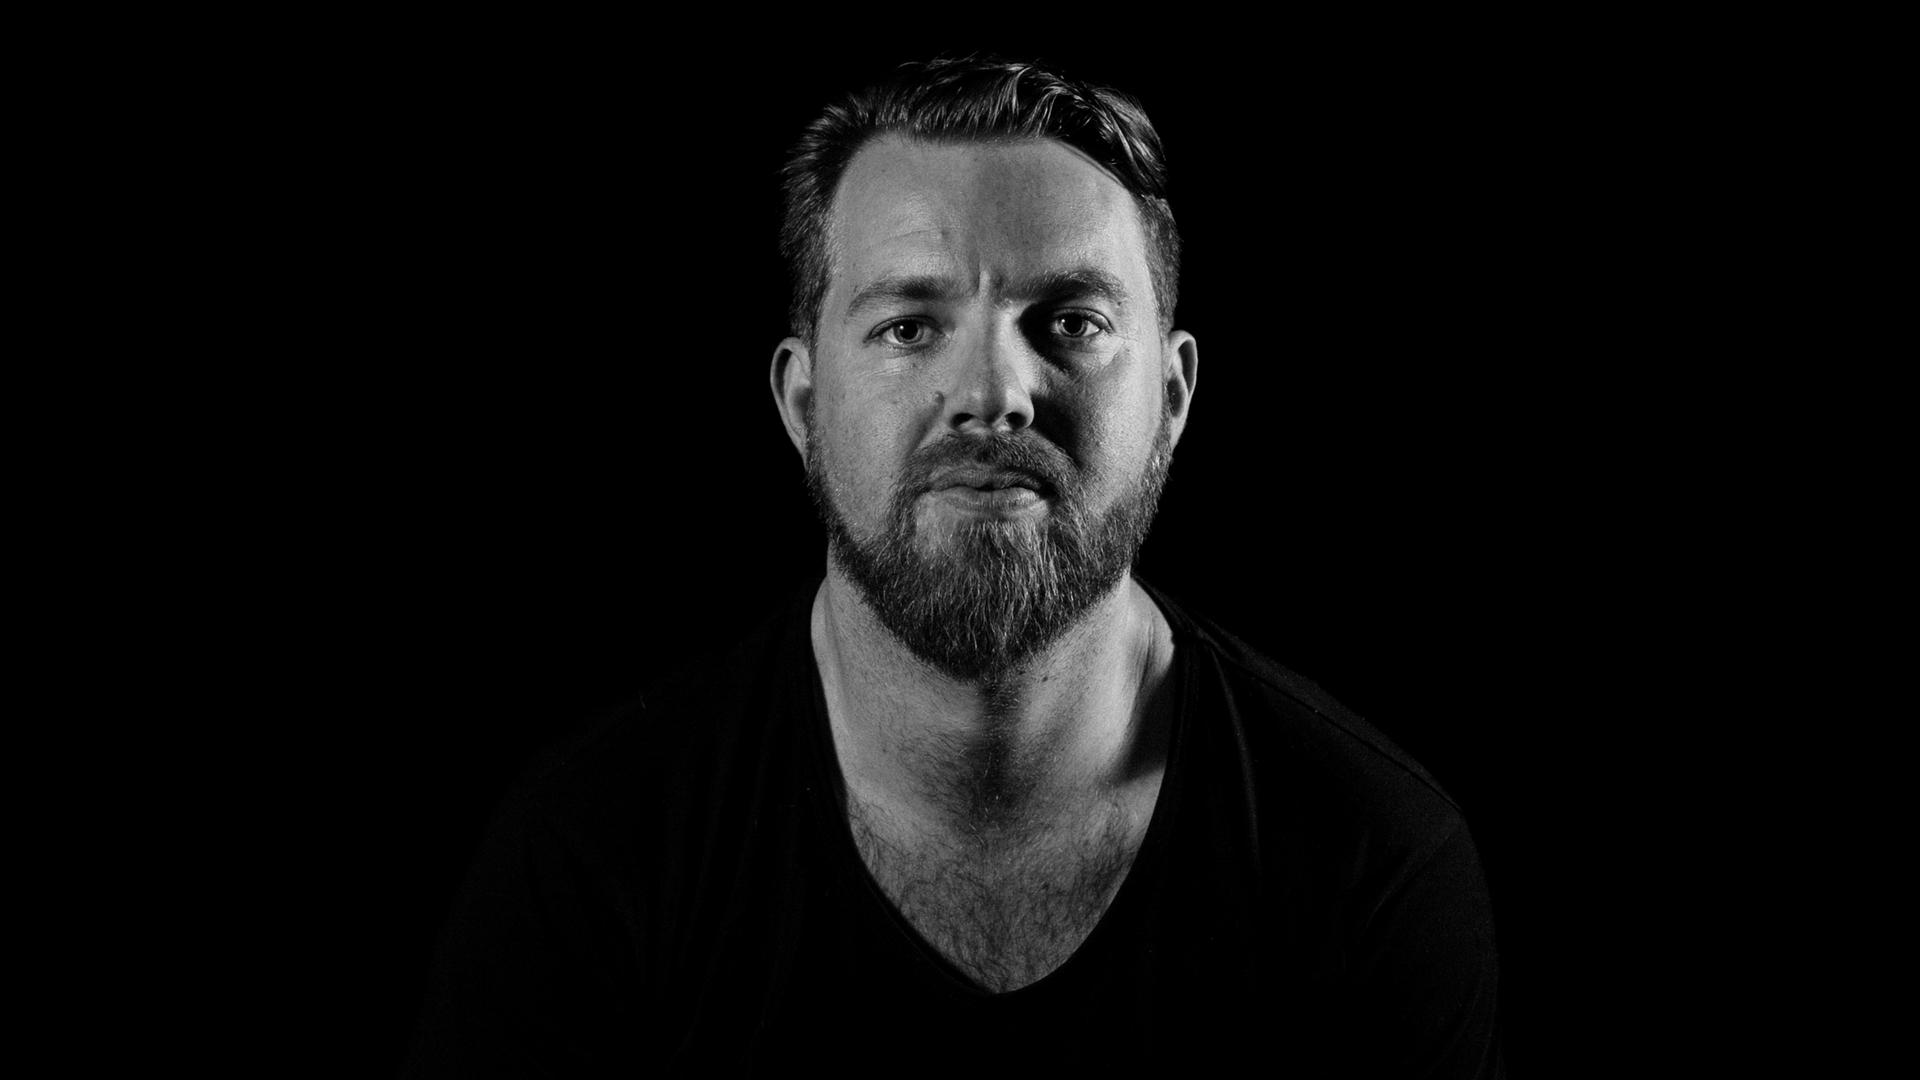 Jamie Grenenger